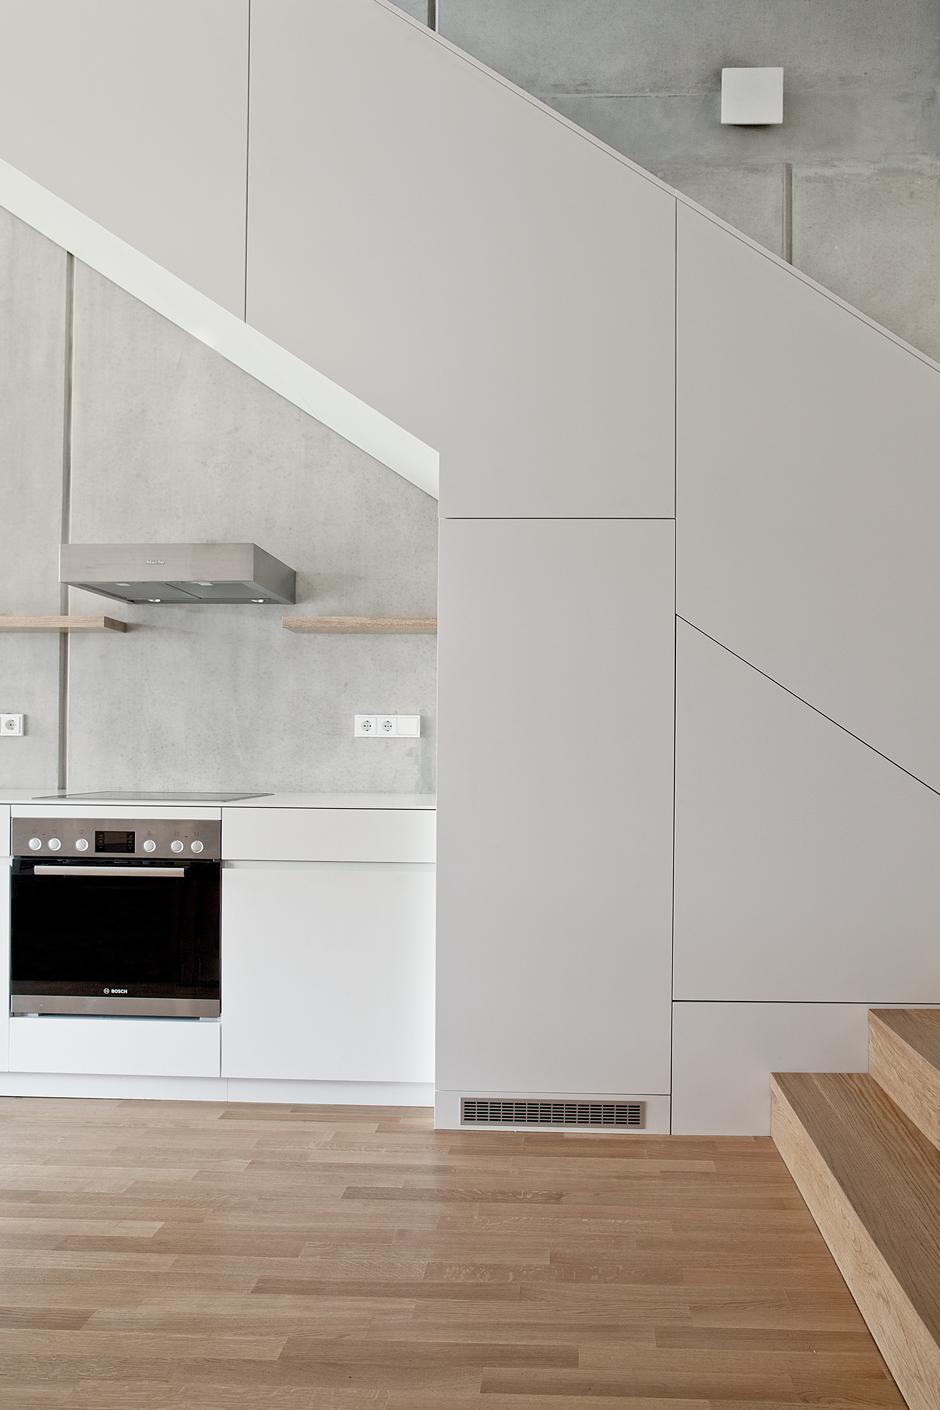 boyenstr-küche-zeile-unter-treppe-ansicht1.jpg